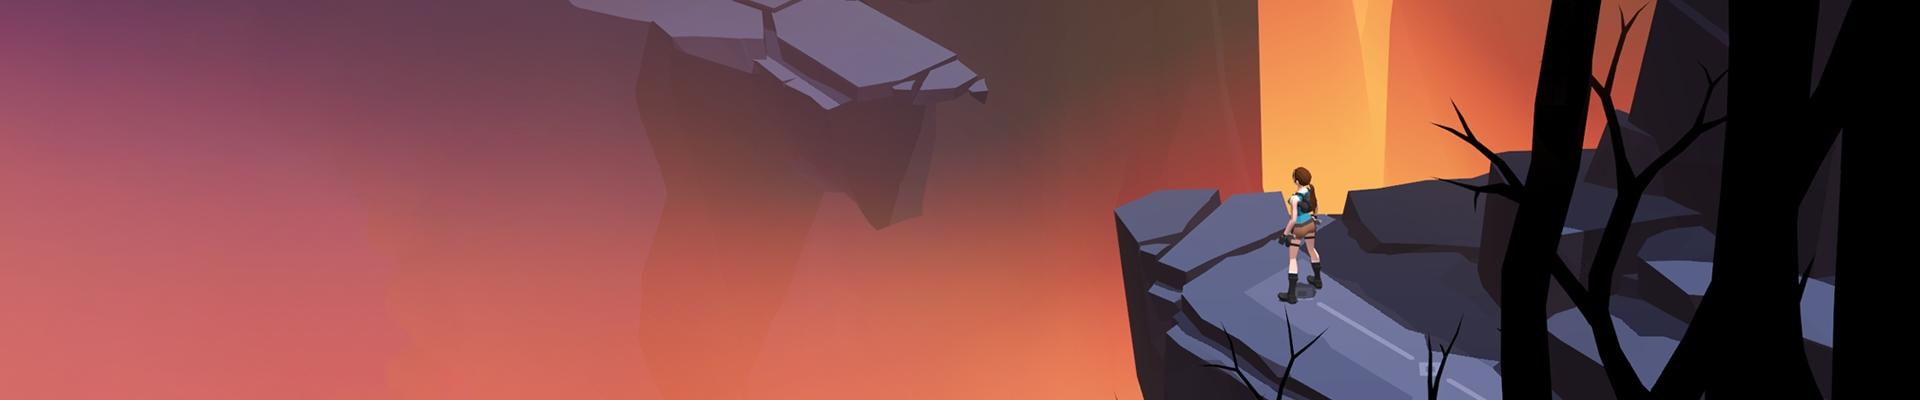 Image de l'article Lara Croft GO : Des mises à jour intéressantes